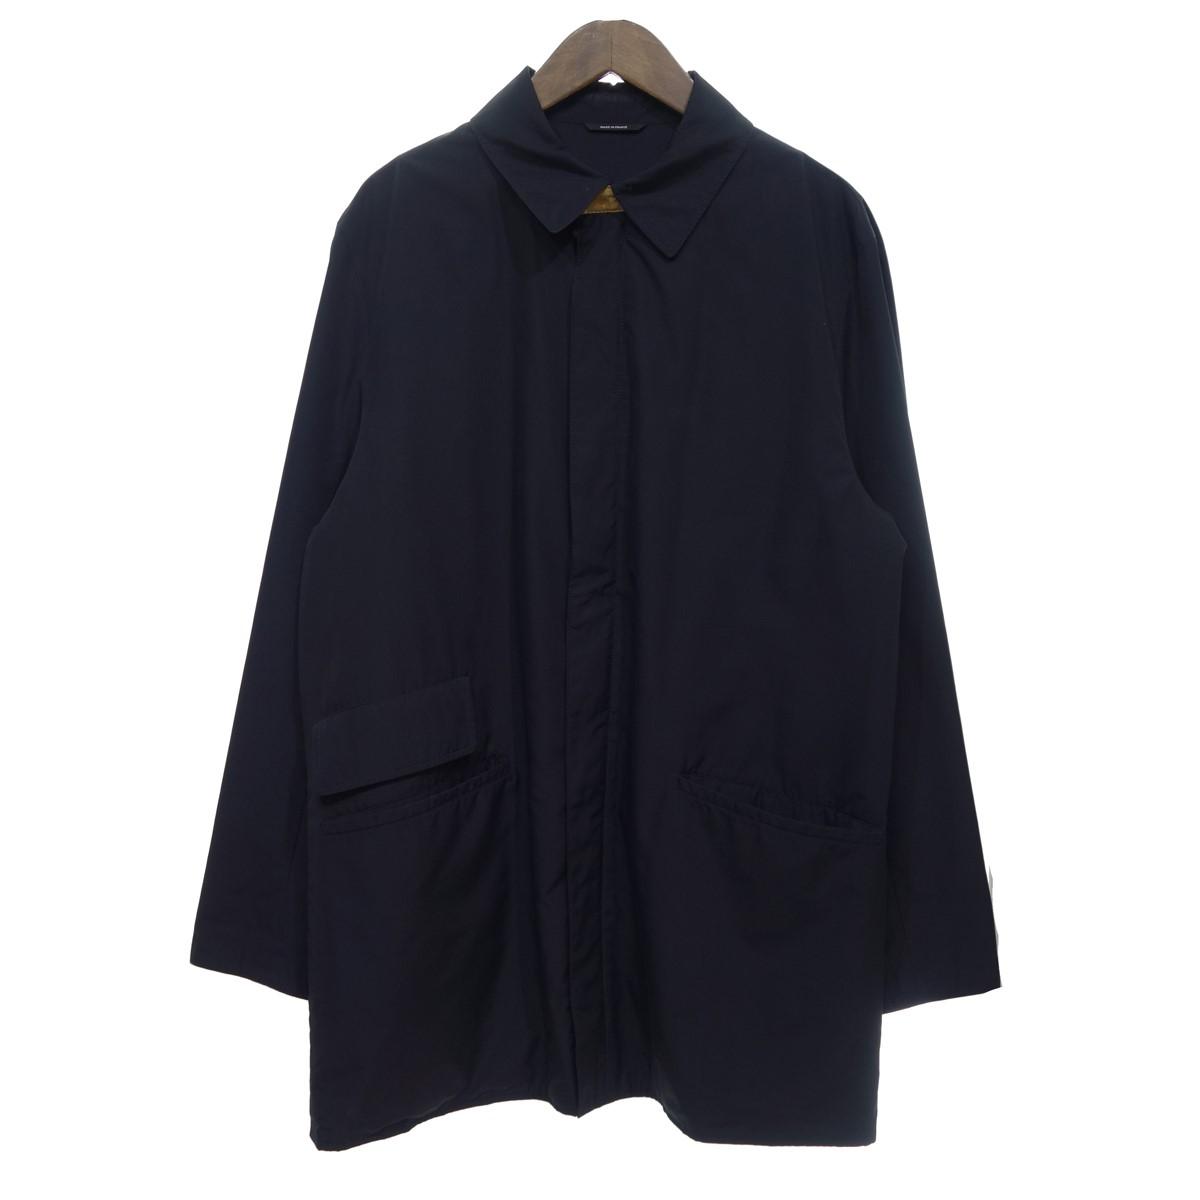 【中古】HERMES ジップアップ コート ブラック サイズ:50 【050720】(エルメス)